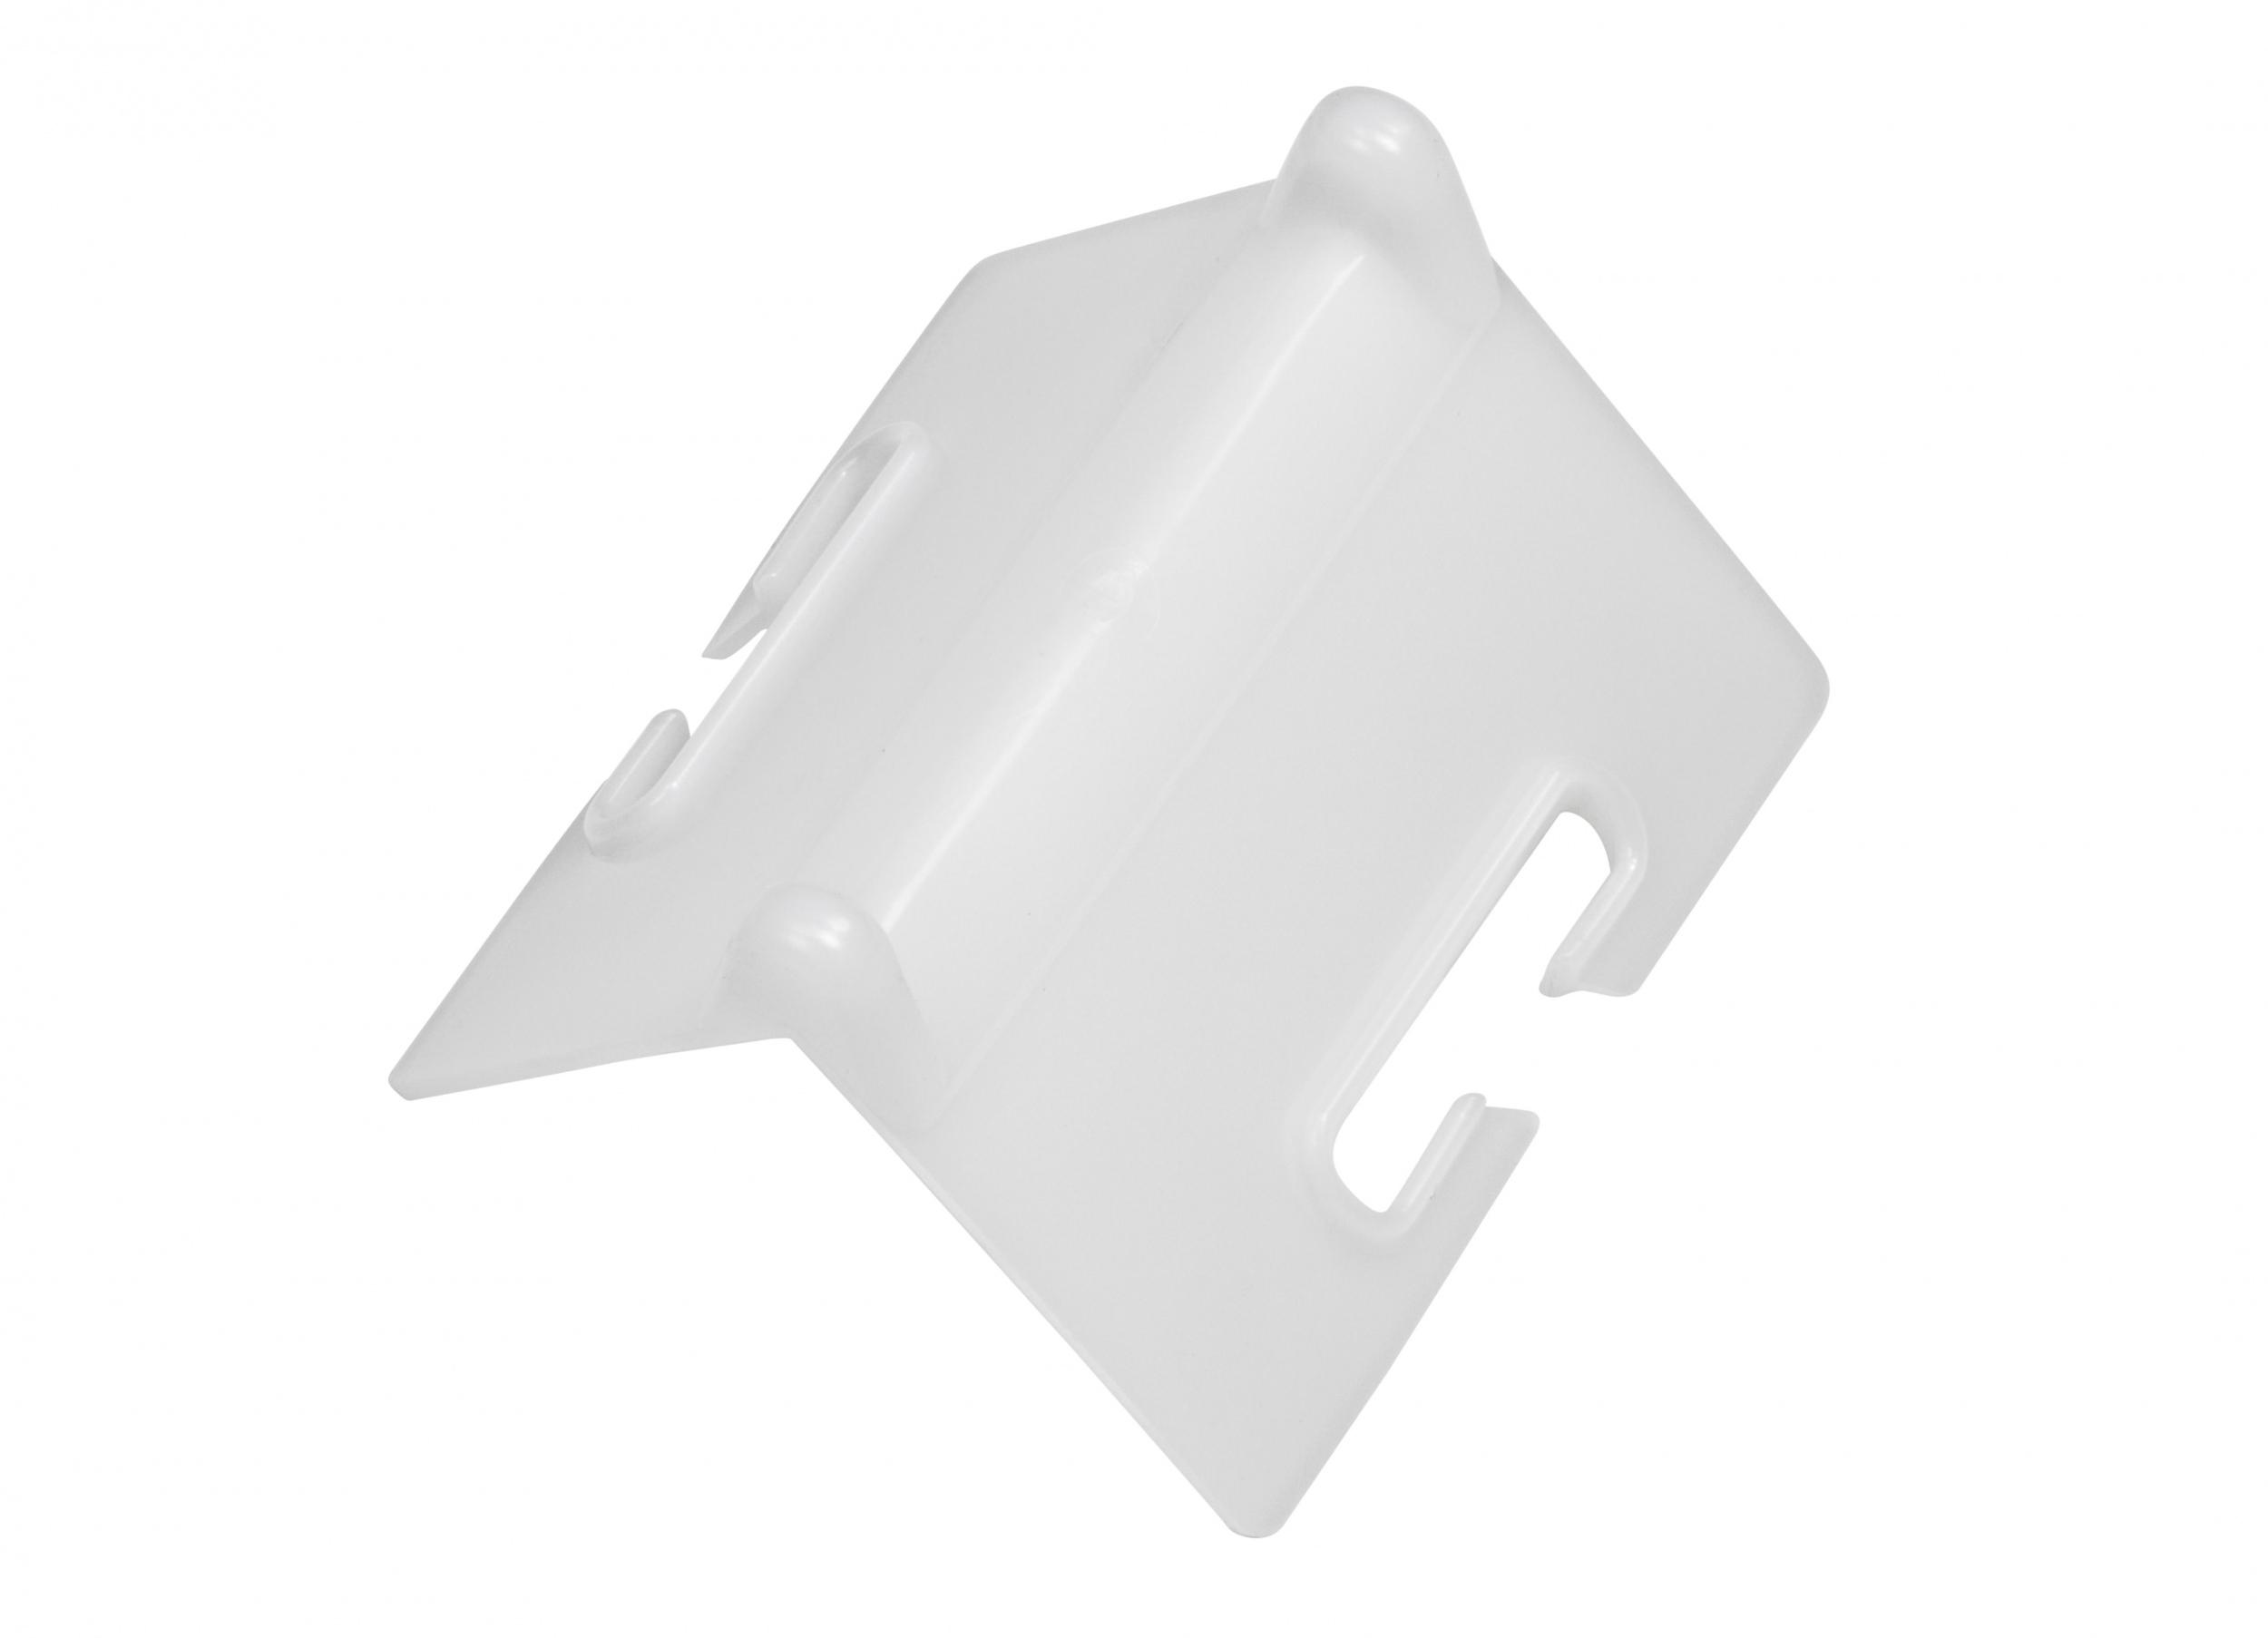 kantenschutz f r spanngurte zurrgurte schutznetze24. Black Bedroom Furniture Sets. Home Design Ideas